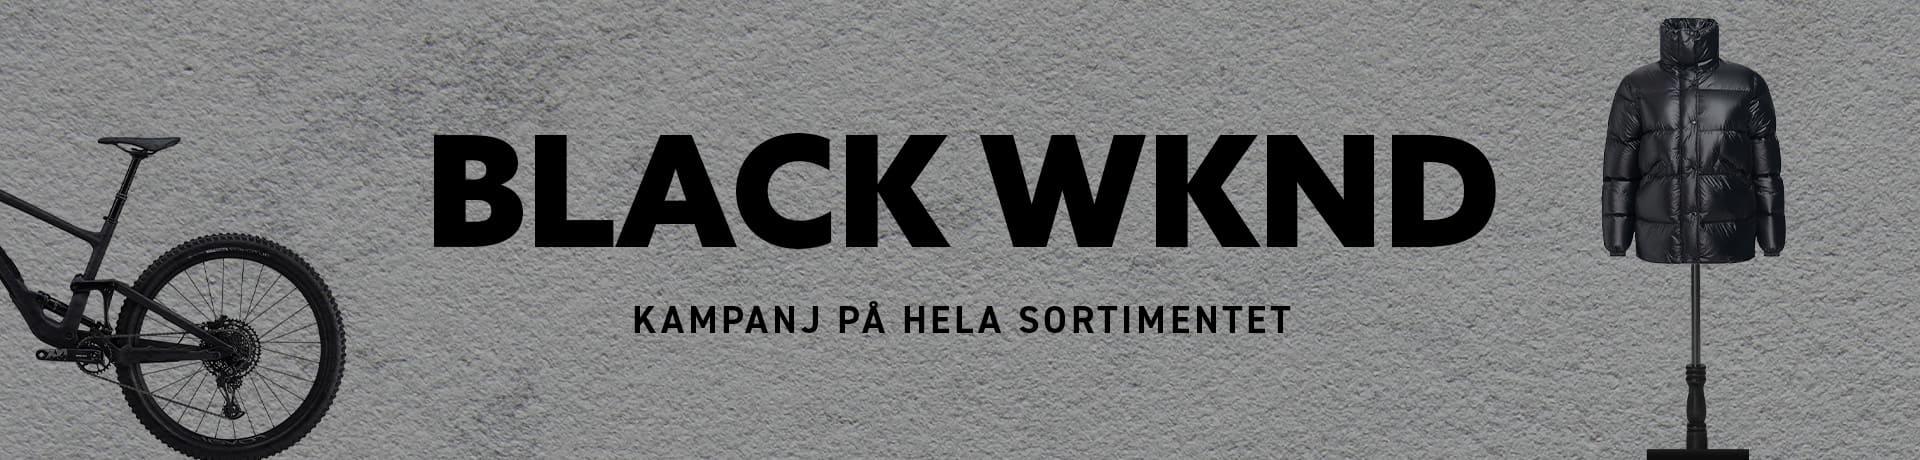 Black Wknd 2020